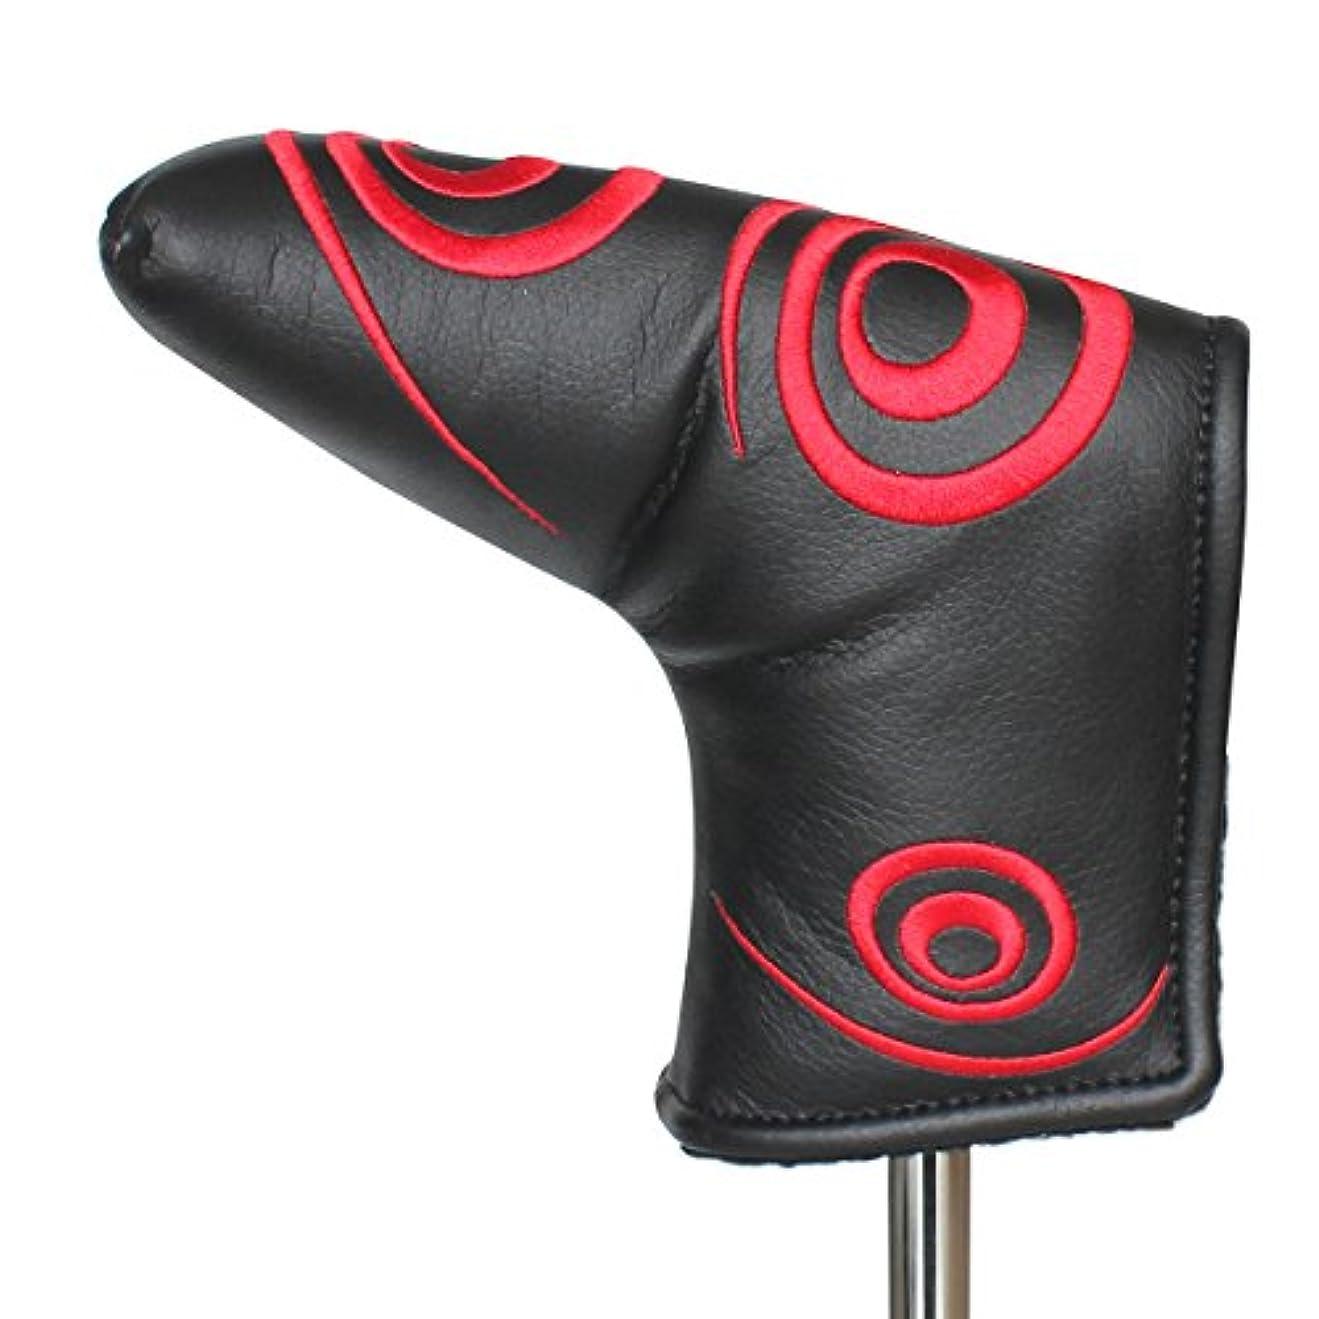 たとえモック暫定Craftsman Golf赤い渦巻き ブラック パターカバー ヘッドカバー タイトリスト スコッティ・キャメロンピンブレード用 マグネット開閉